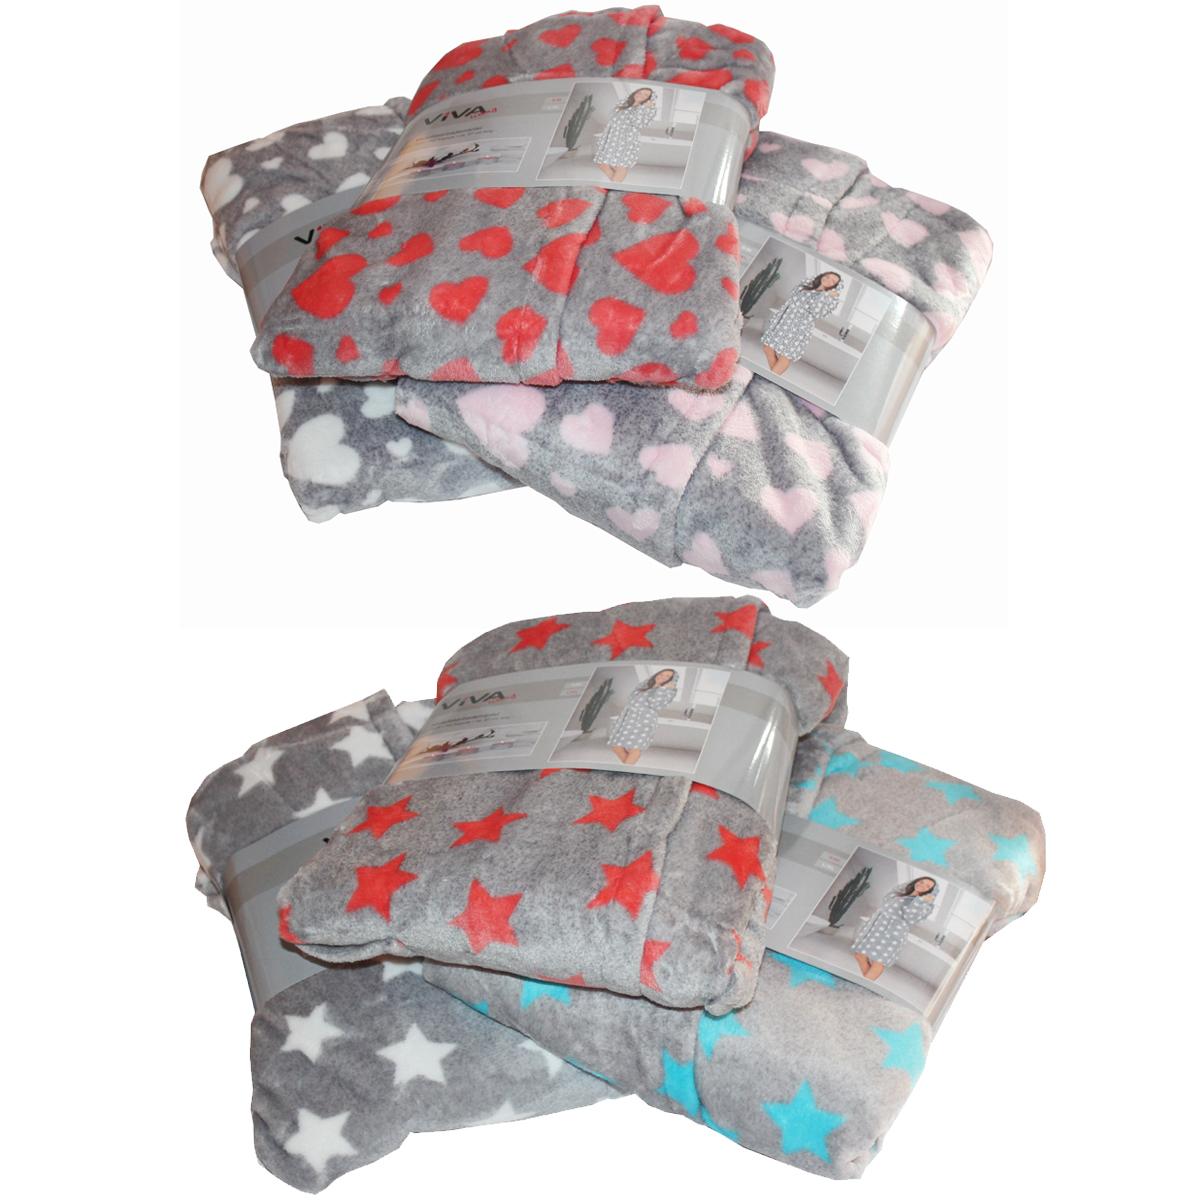 microfaser bademantel mit kapuze sterne herz kurze form s m l xl mantel sauna m bel wohnen und. Black Bedroom Furniture Sets. Home Design Ideas